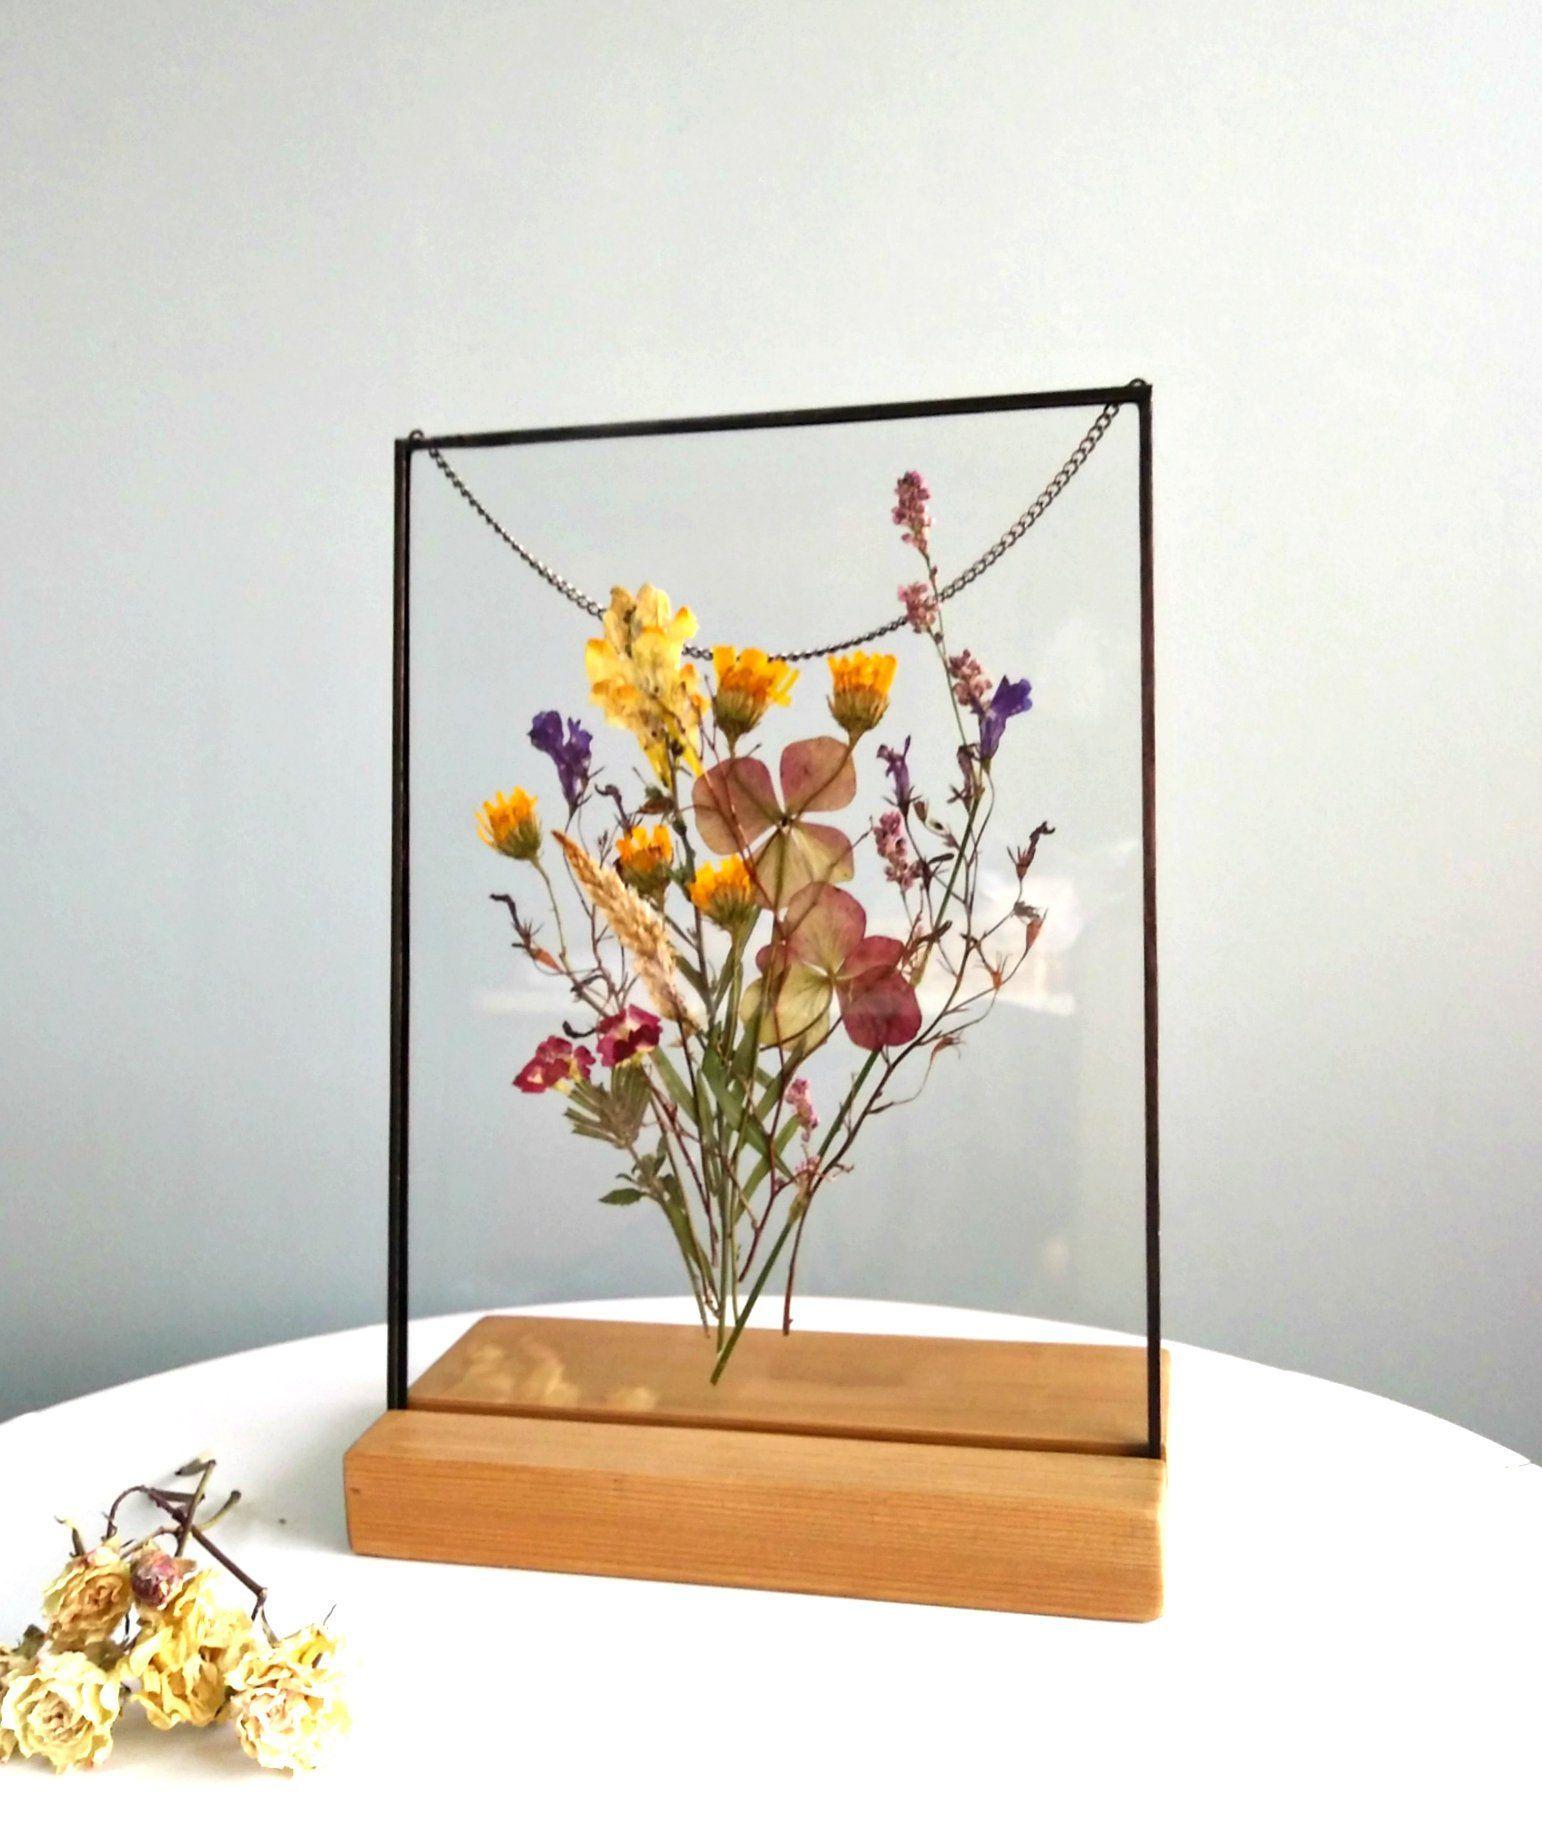 Gerahmter Strauß Gepresste Blumen gerahmt Getrocknete grüne Eukalyptusblätter Rosa Blüten Weiße Gypsophila Schwimmender Rahmen Dekor aus gepressten Blumen